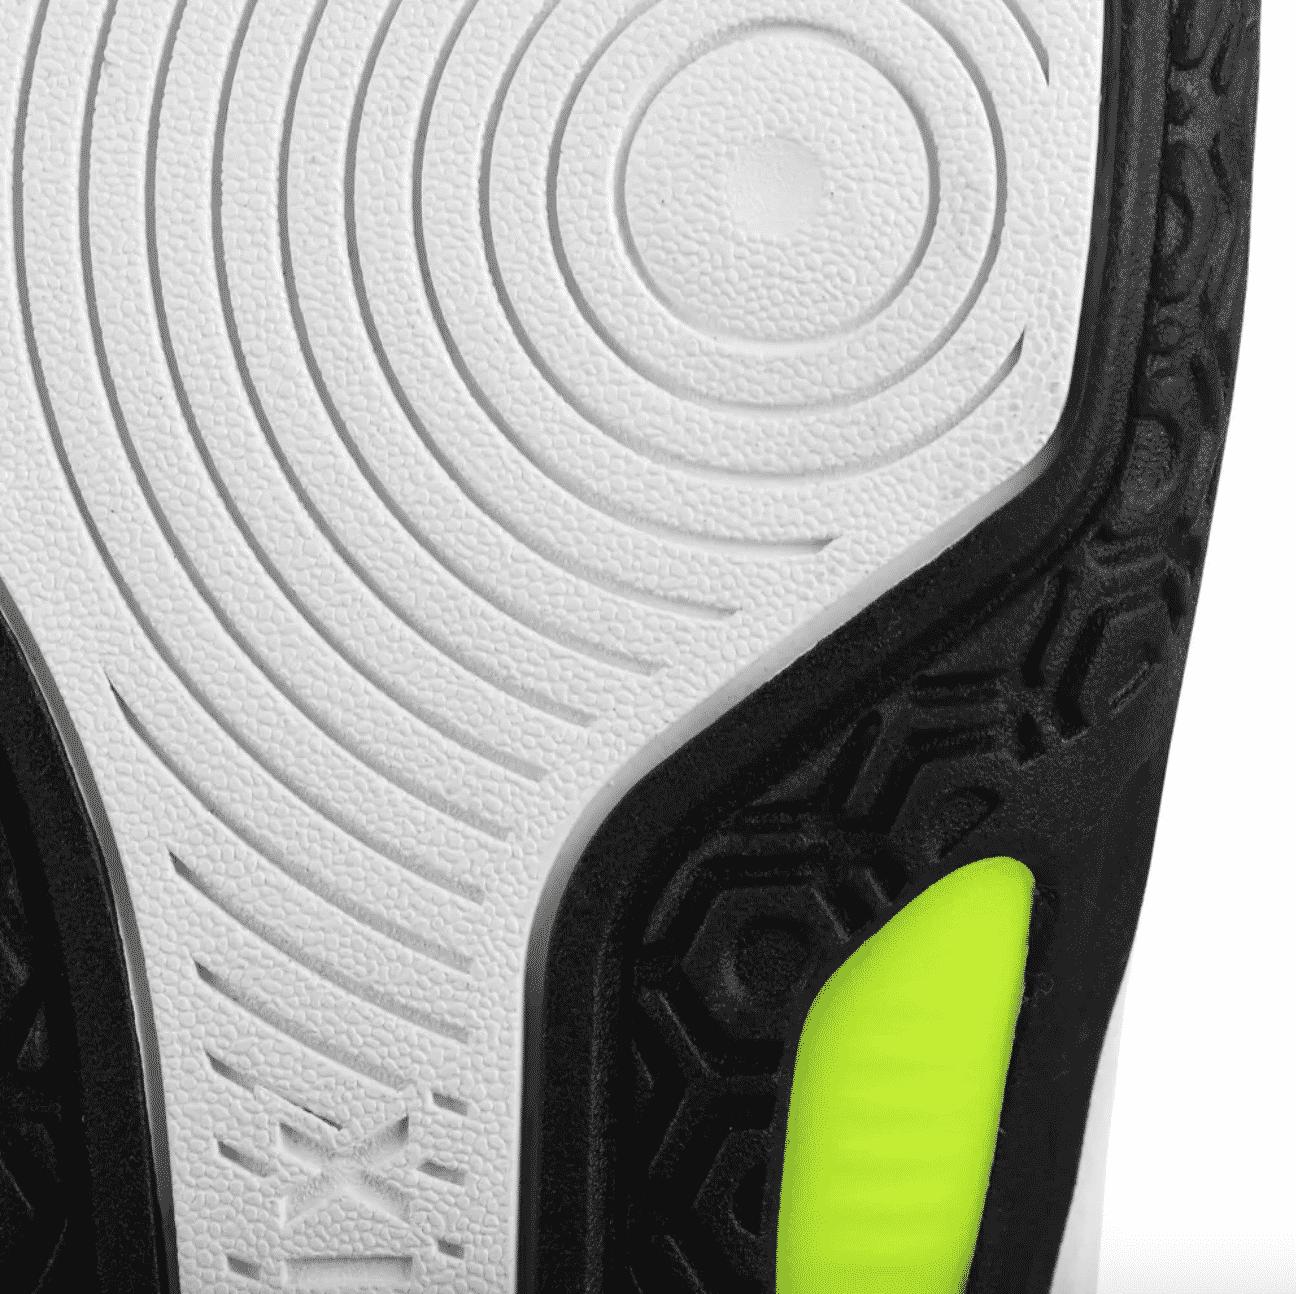 allsix-presente-ses-nouvelles-chaussures-de-volley-vs900-3